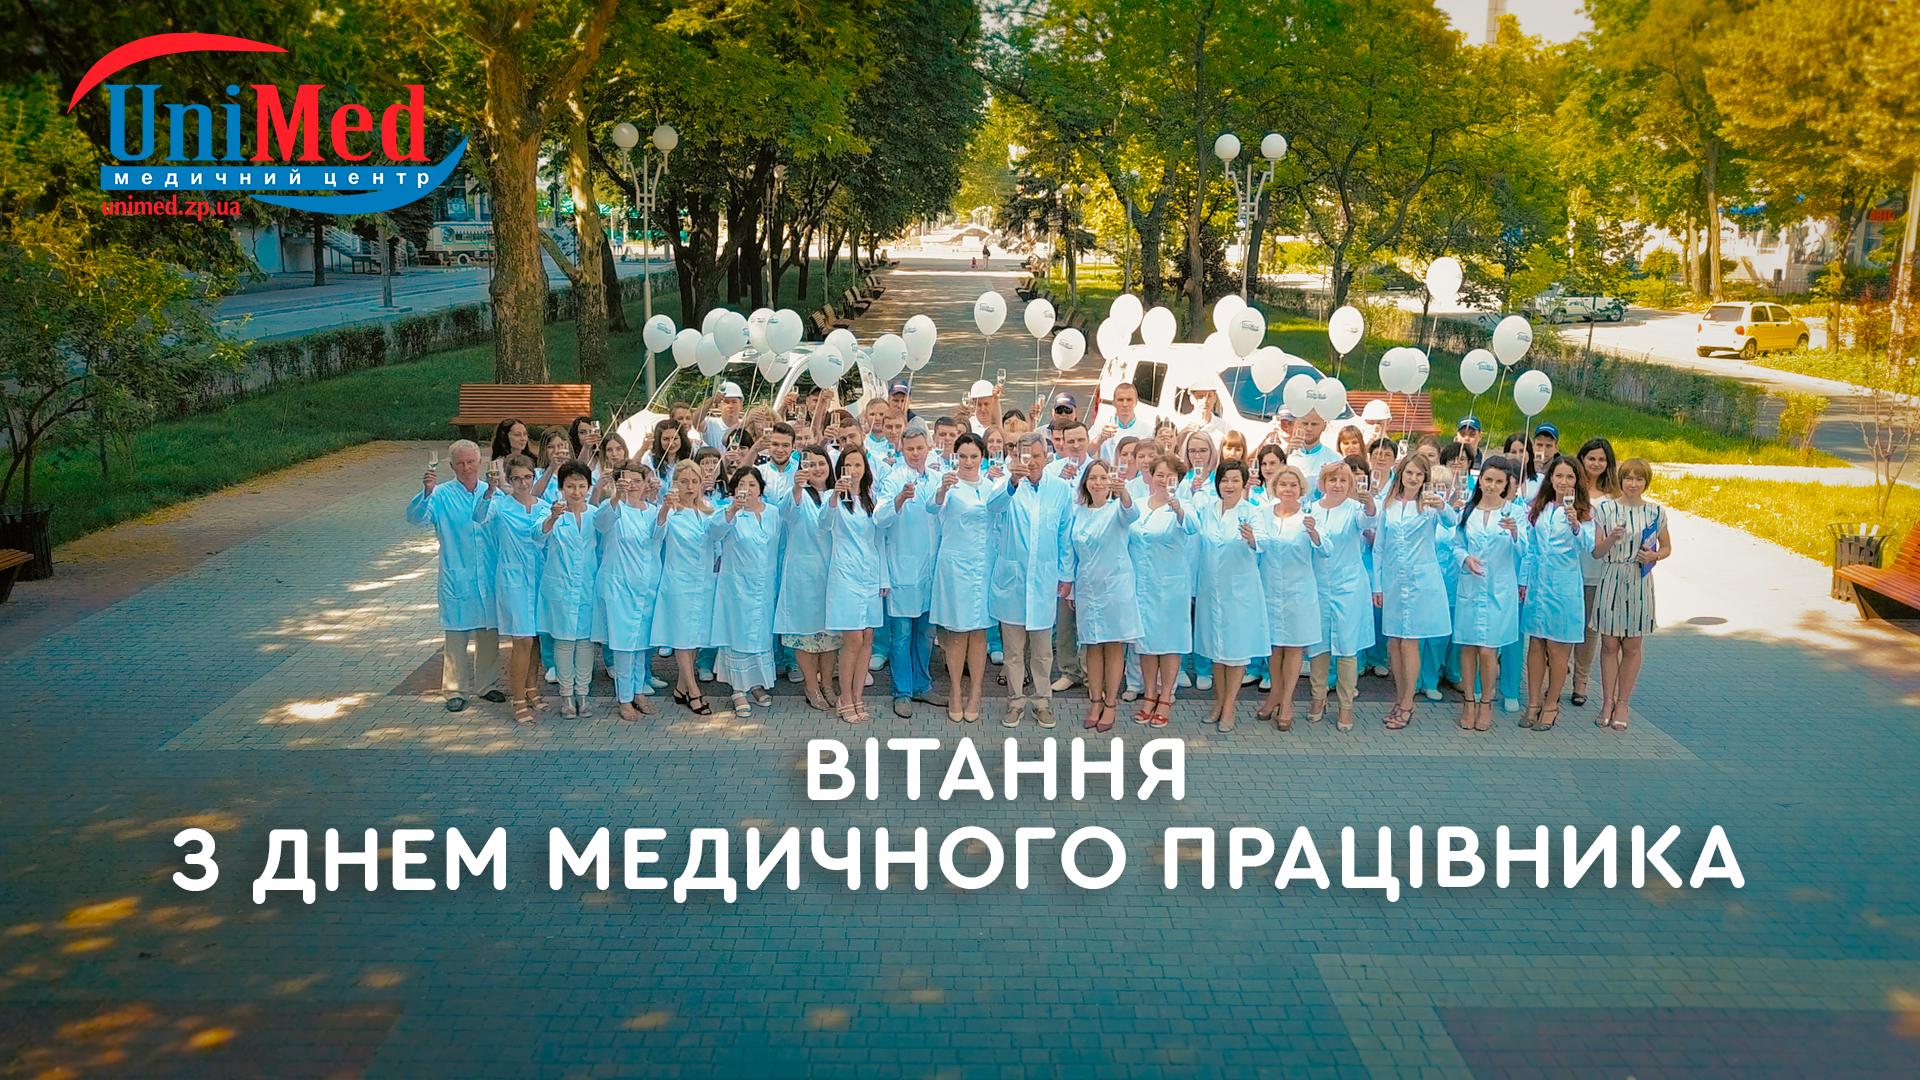 «Праздник, который касается каждого» запорожские медики оригинально поздравили горожан (Видео)